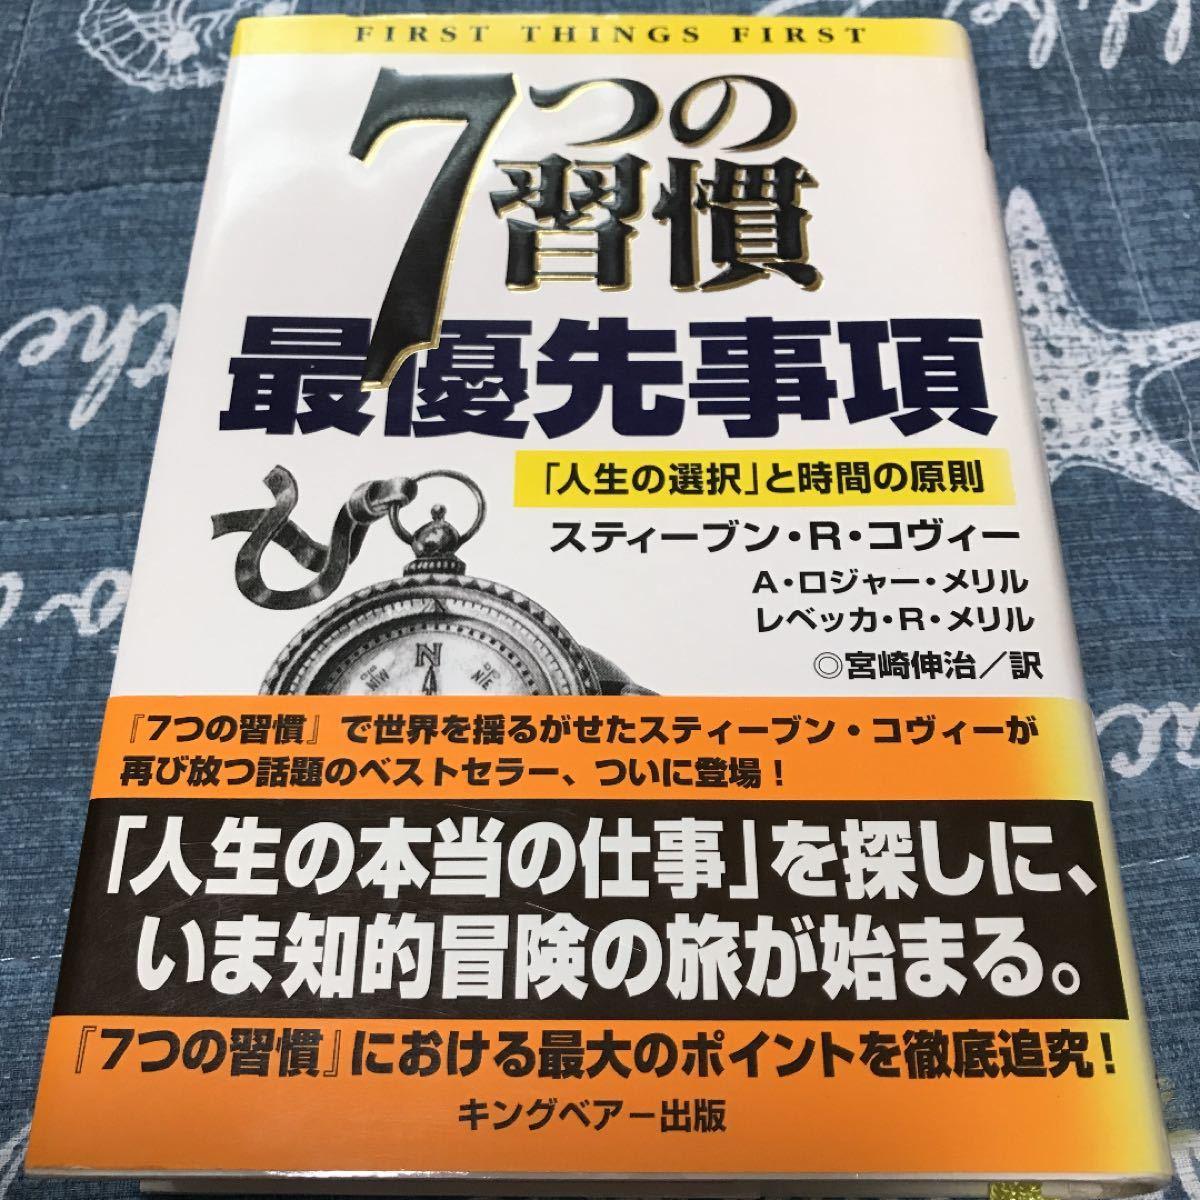 「7つの習慣最優先事項 「人生の選択」と時間の原則」